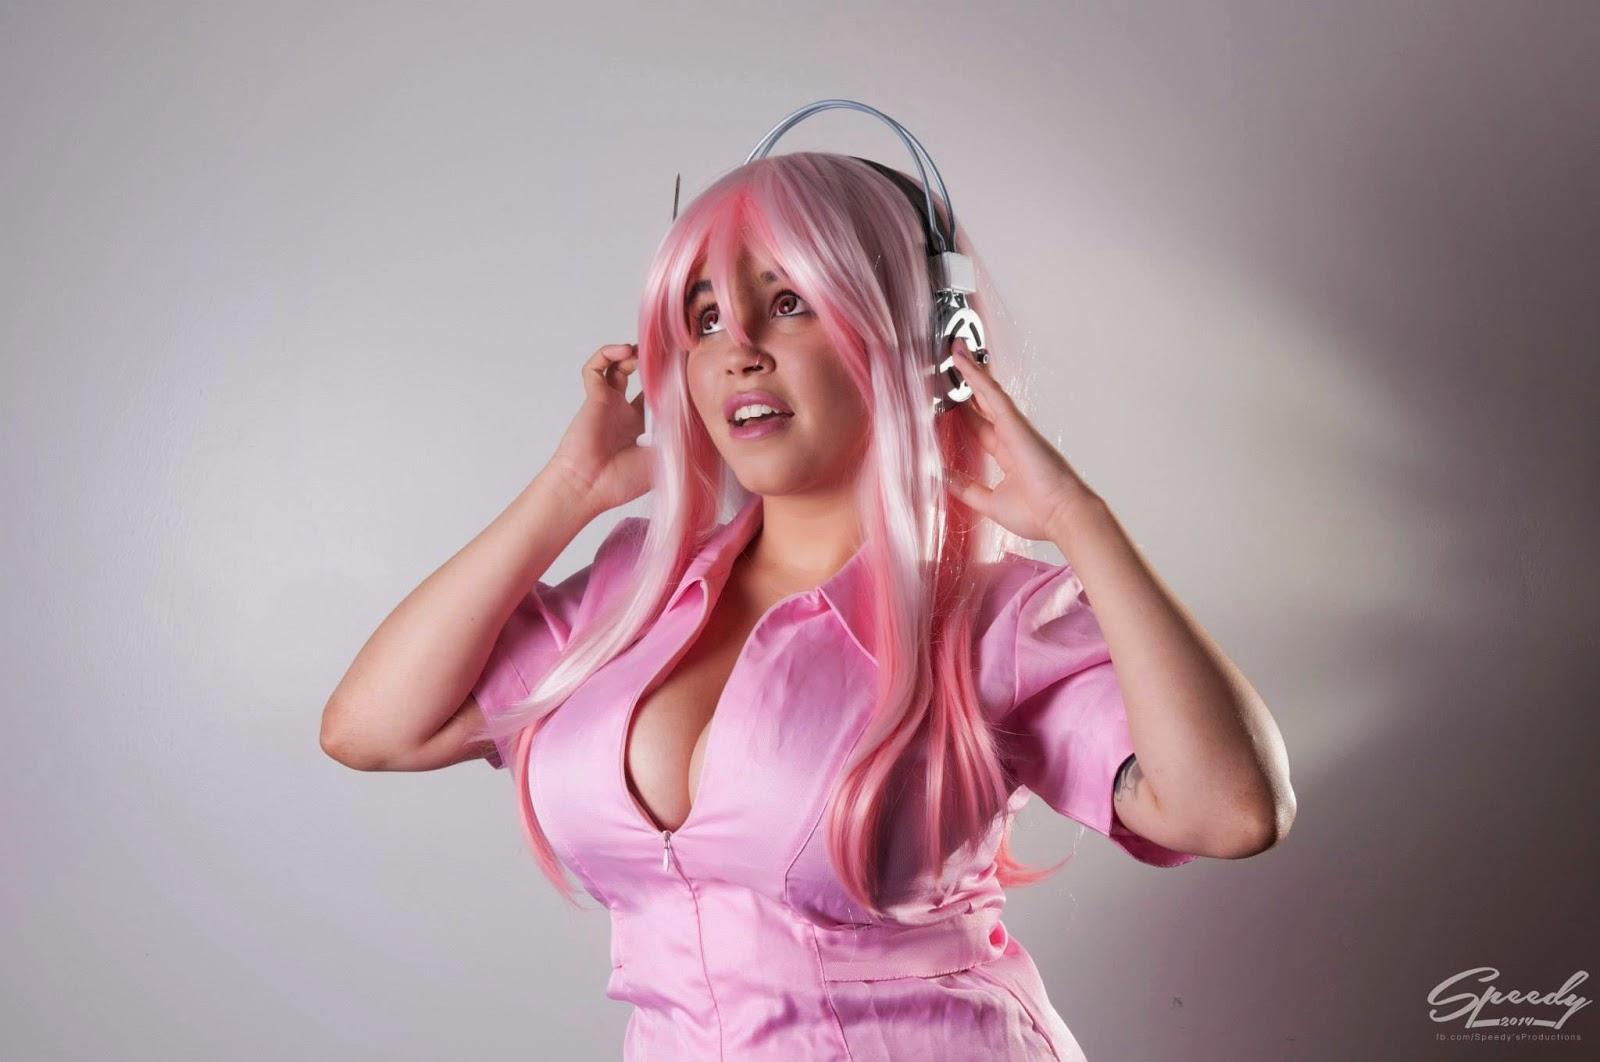 photo d'Envyus Deviant en uniforme de cuir rose d'infirmière en portrait